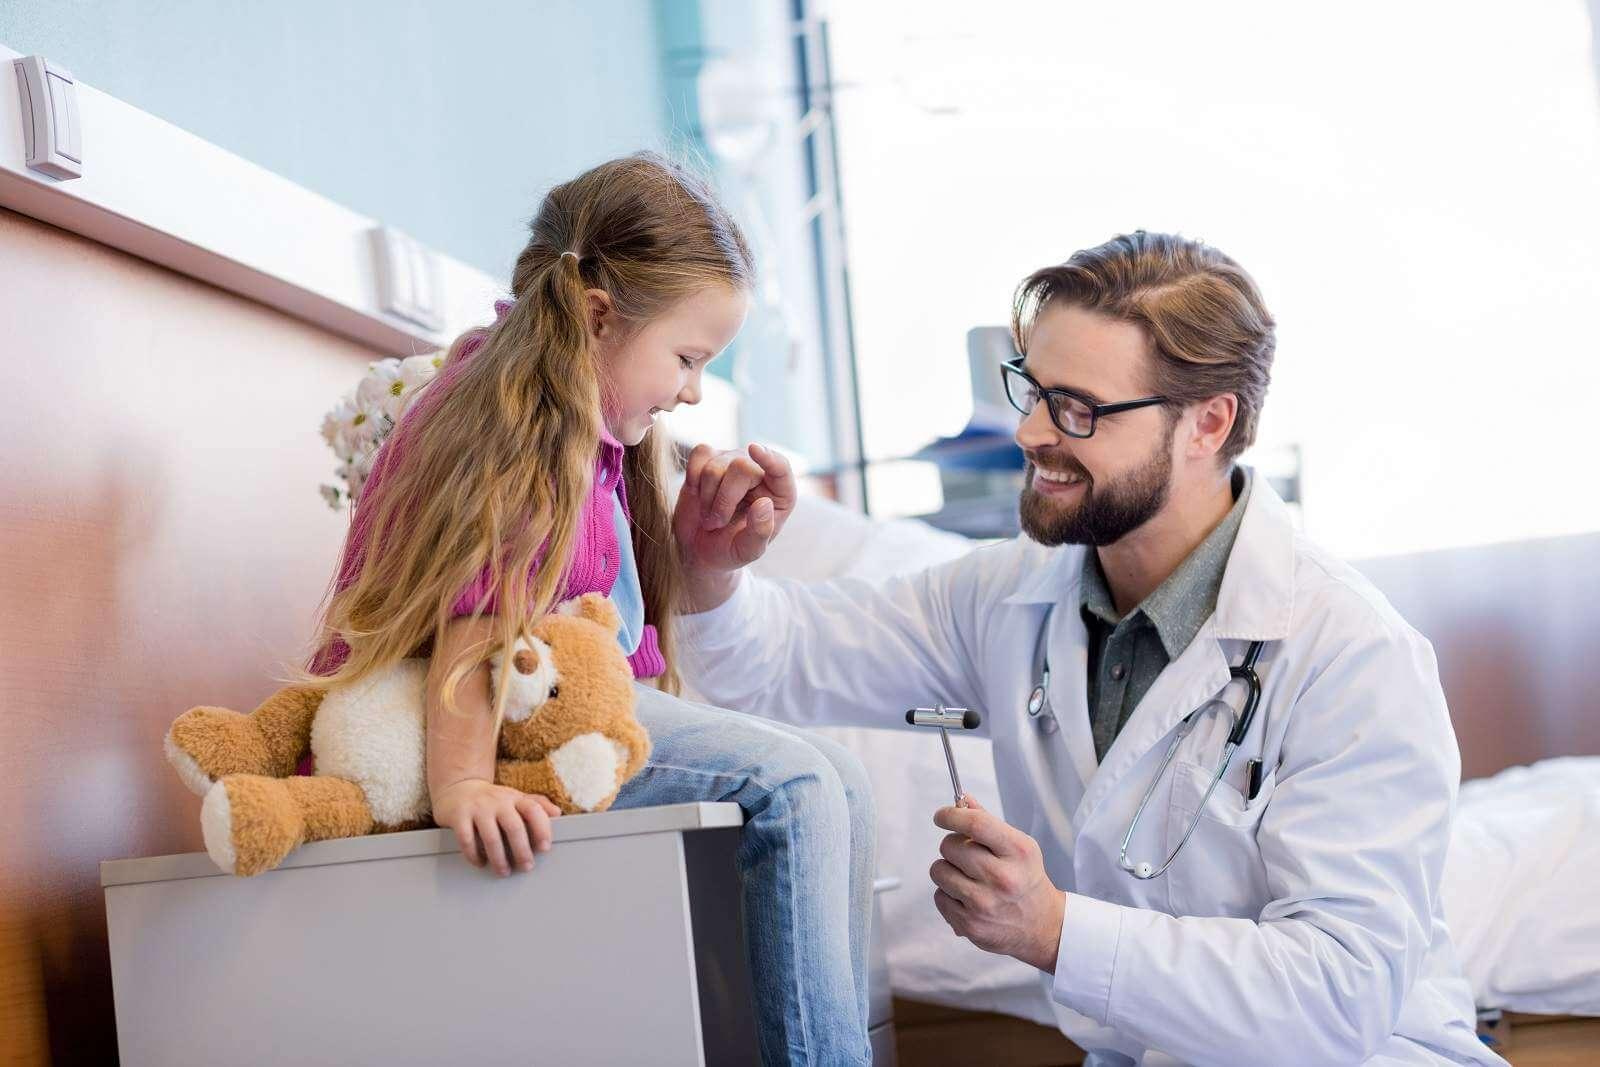 Невролог осматривает девочку